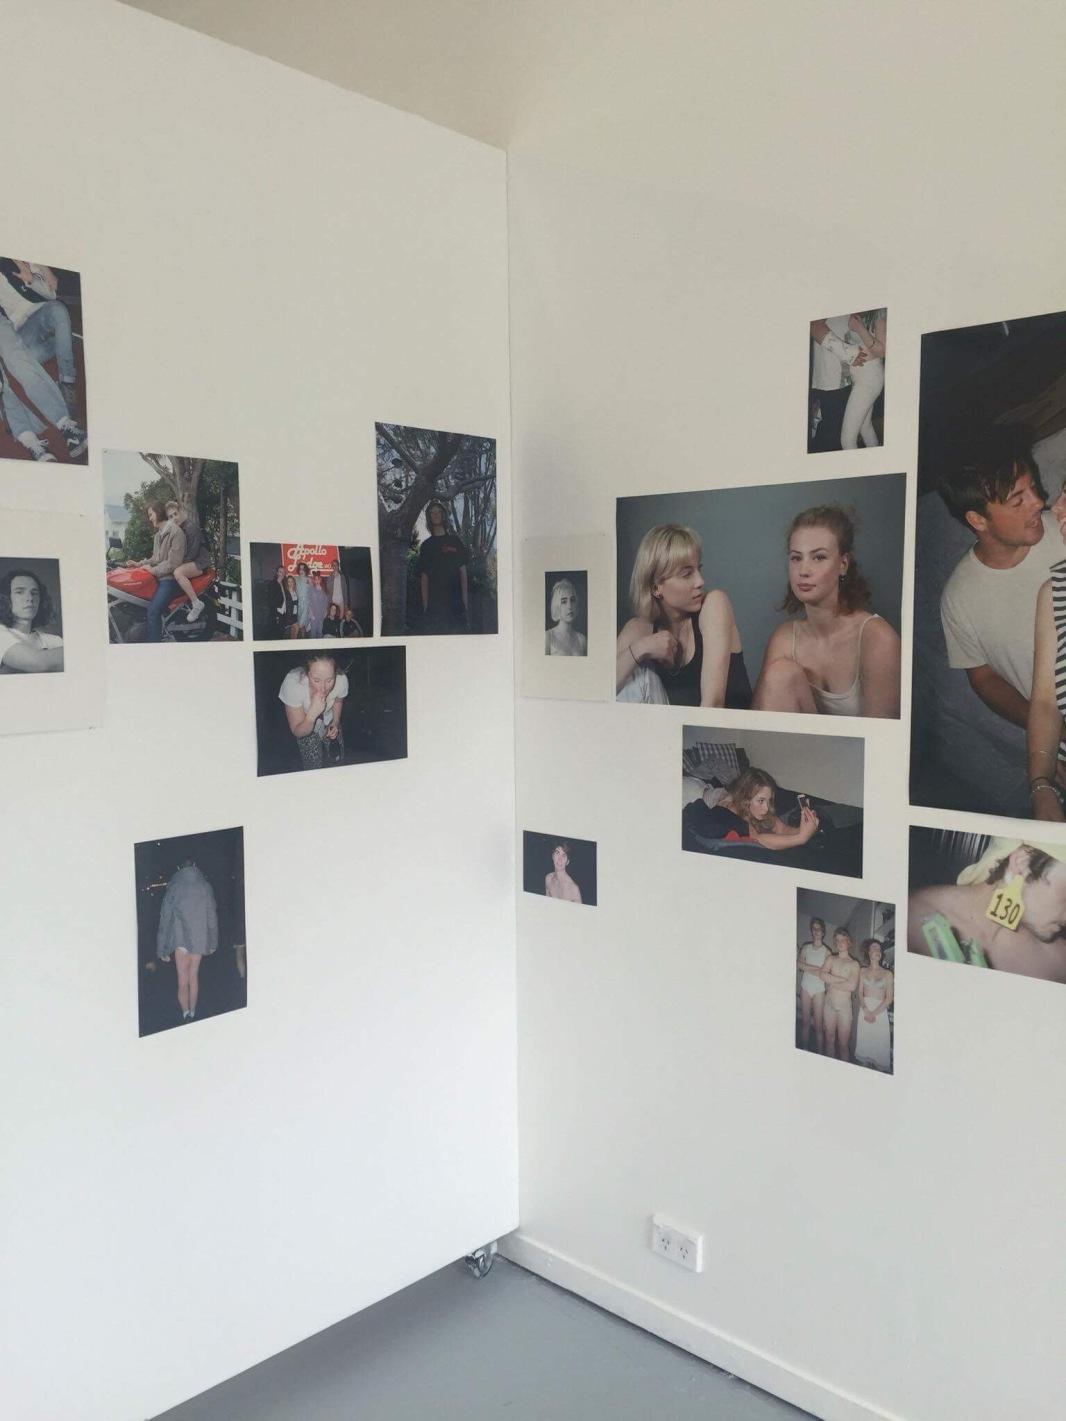 Alexandria Banks, BDes Photography